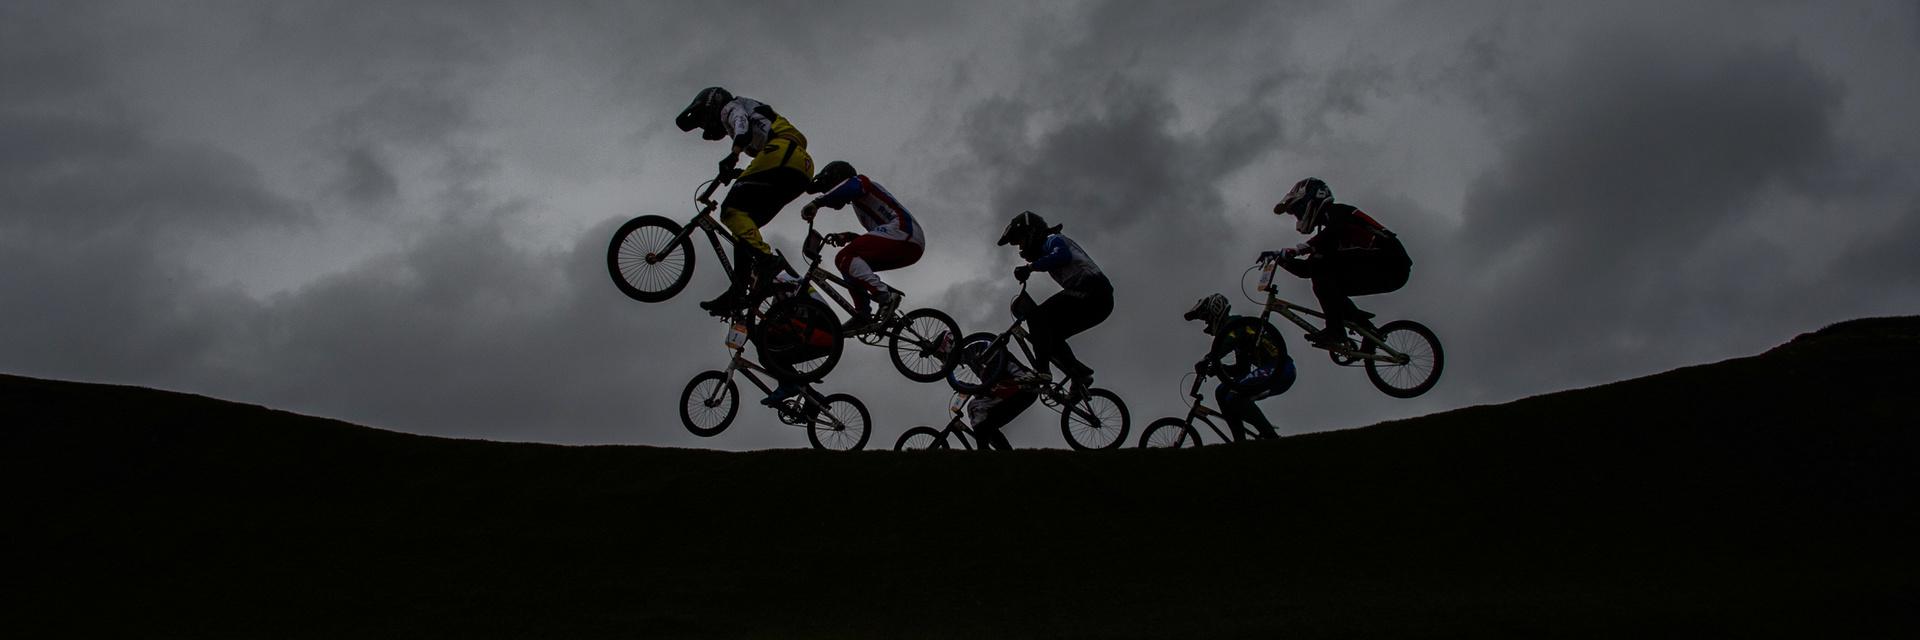 Kerékpár, BMX